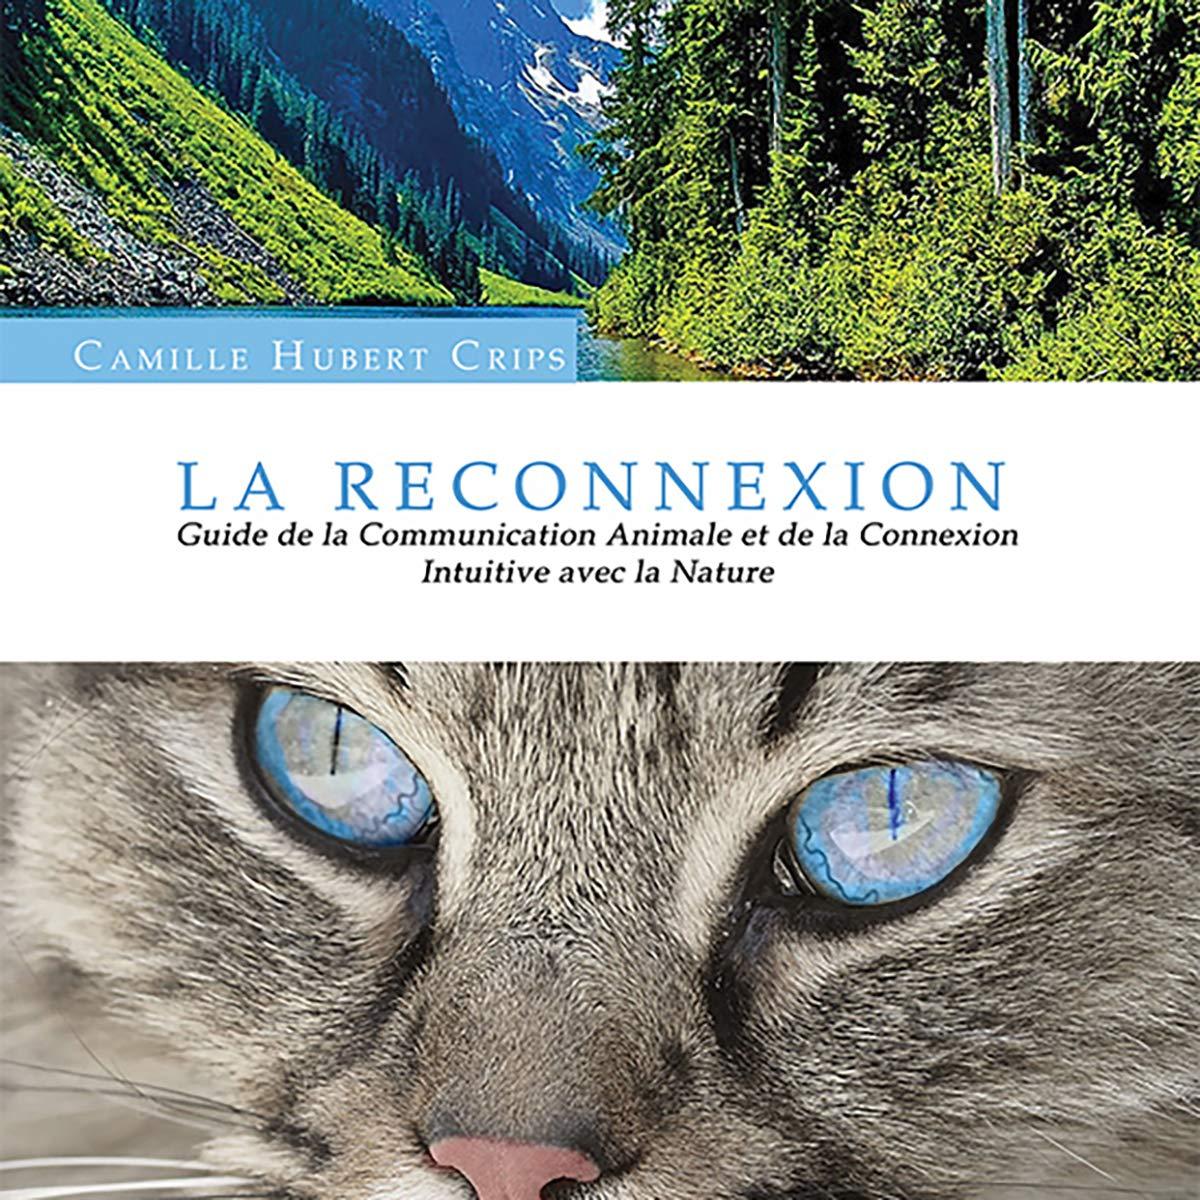 La Reconnexion: guide de la Communication Animale et de la Connexion Intuitive avec la nature par Camille Hubert Crips